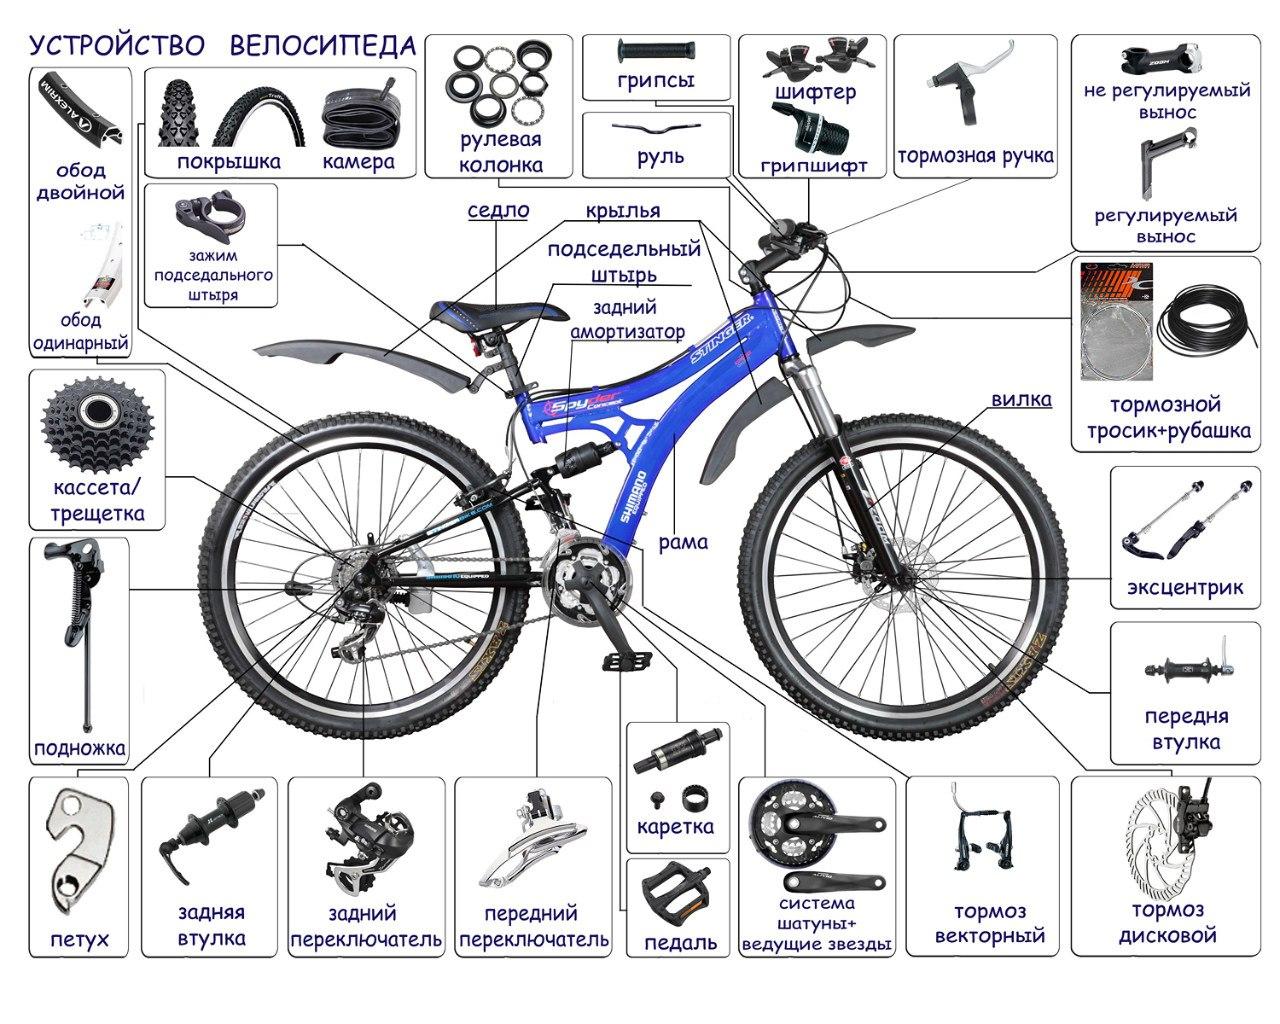 Как отремонтировать каретку велосипеда stels?